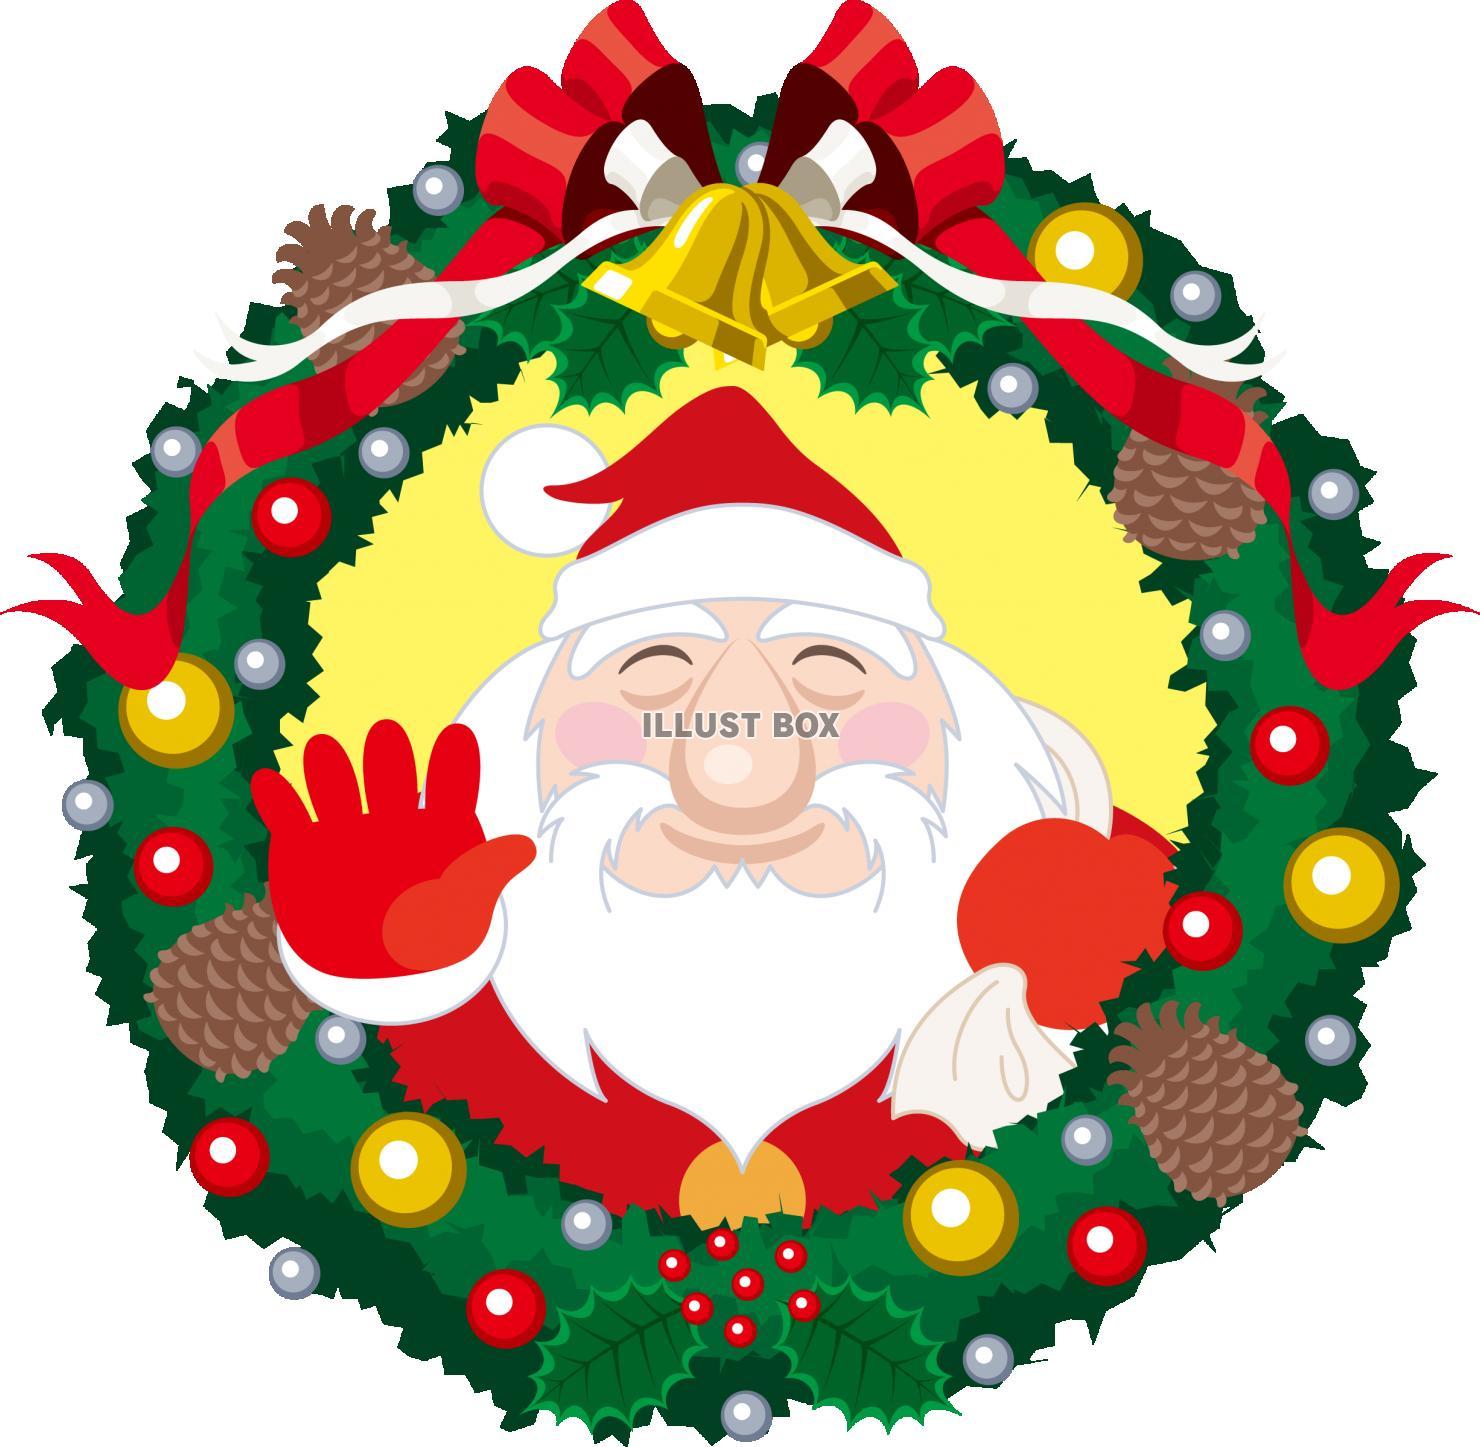 無料イラスト サンタクロース クリスマスリース